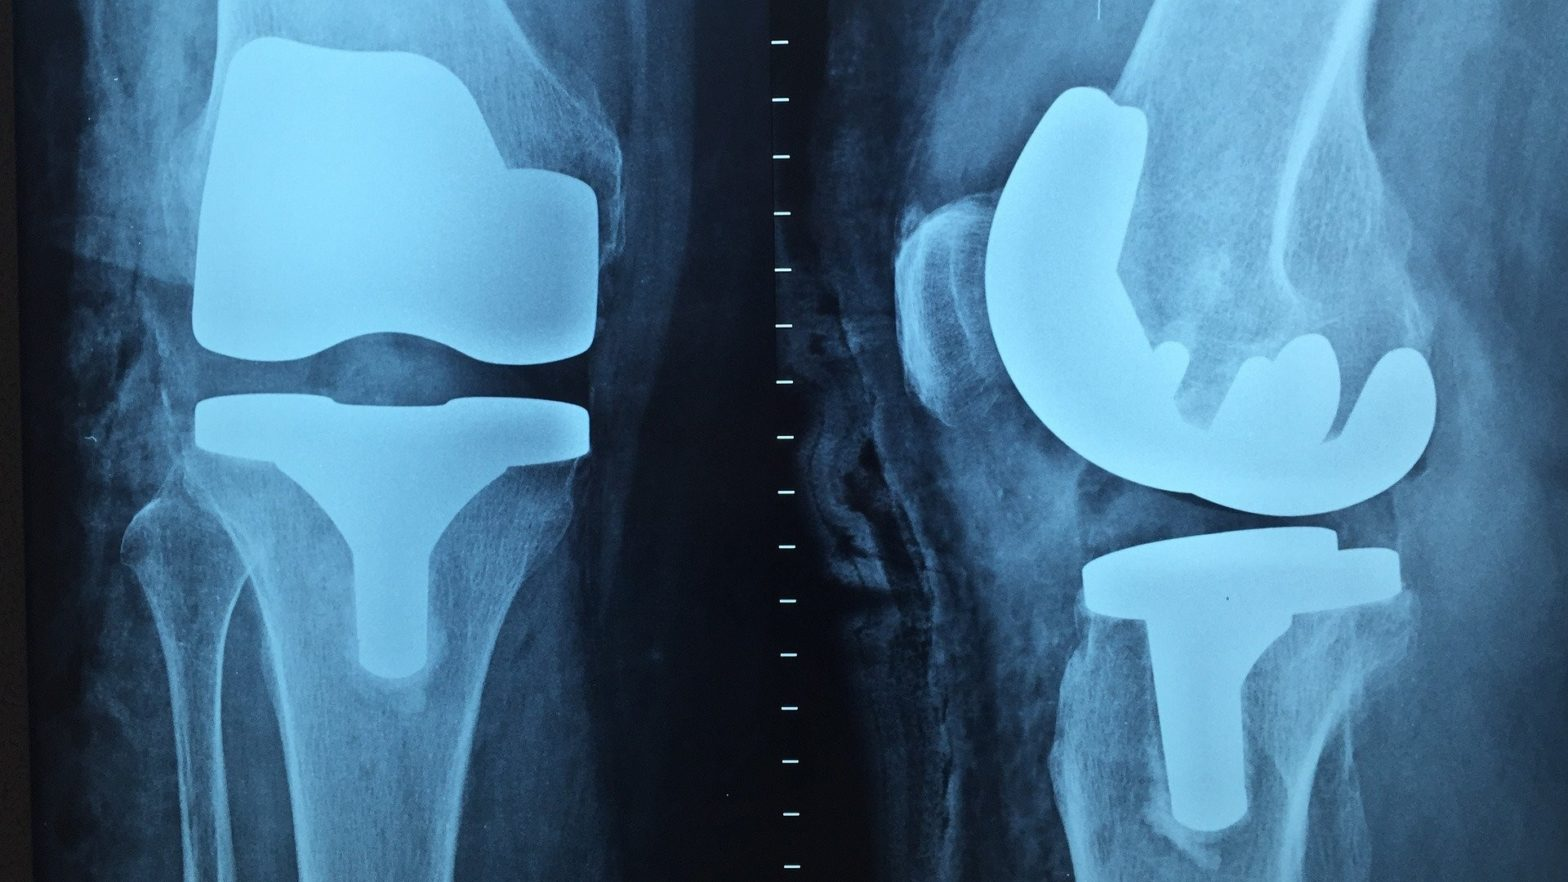 Radiografia de osso quebrado.